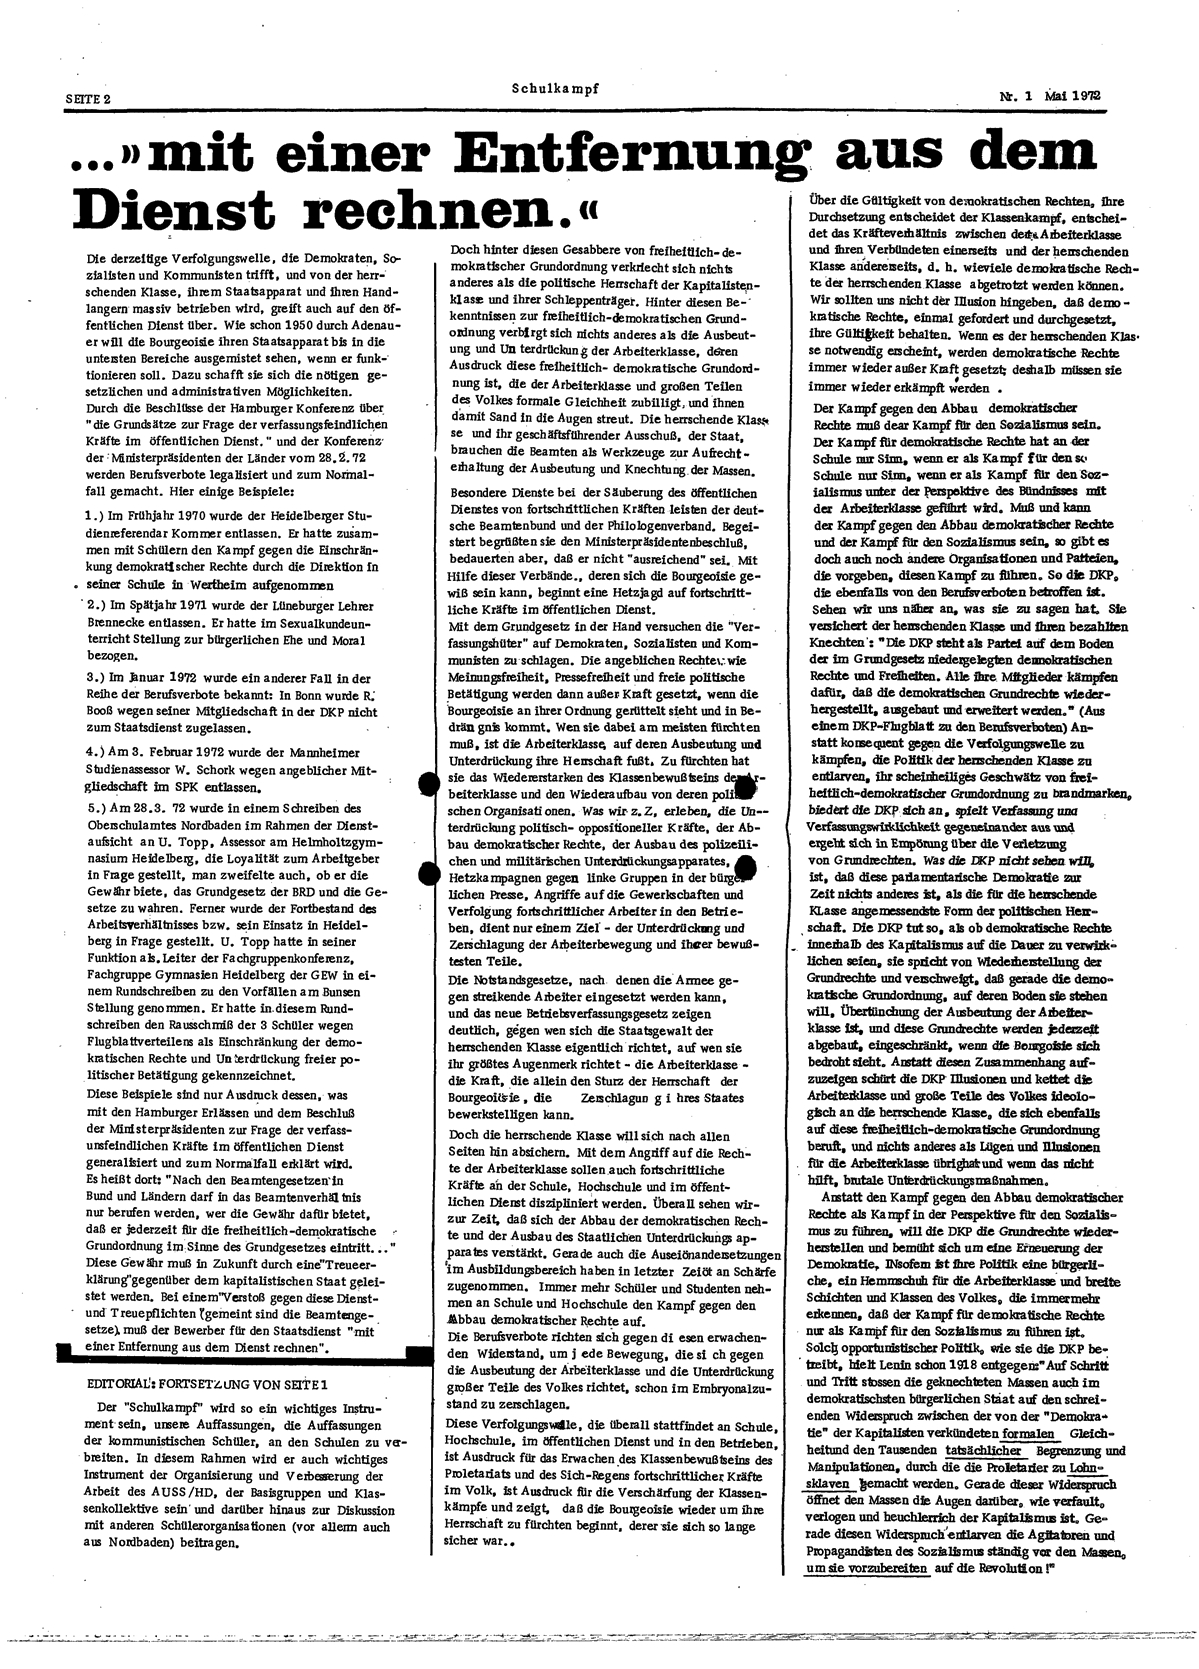 Schulkampf_HD_1972_01_02